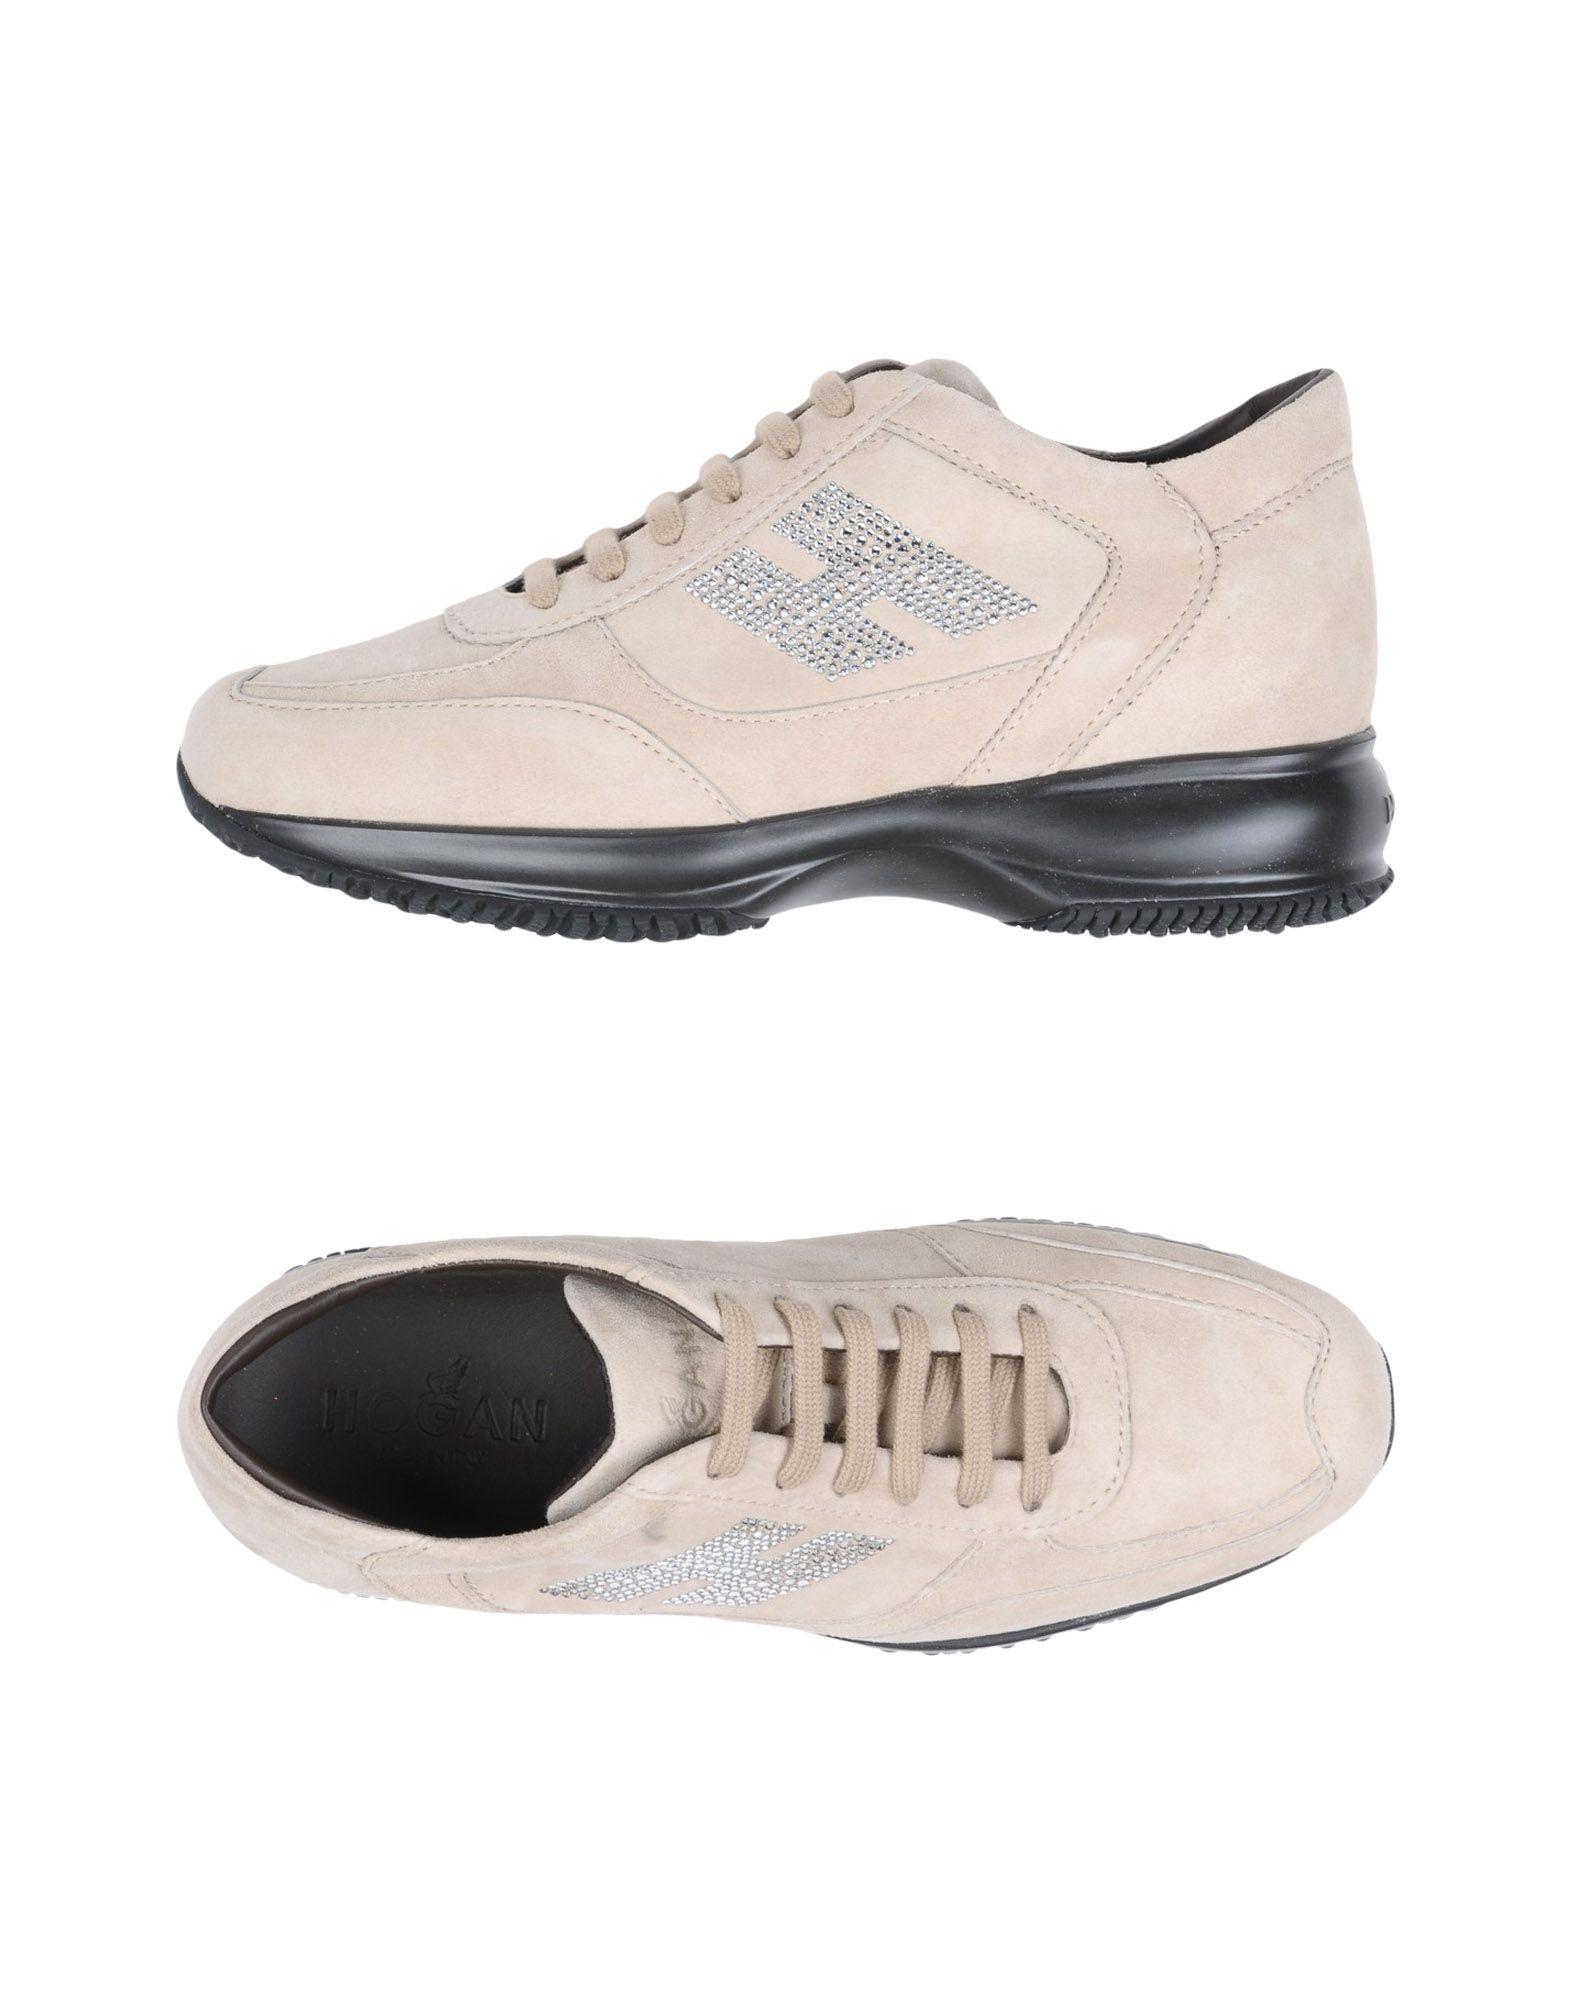 Sneakers Hogan Femme - Sneakers Hogan sur